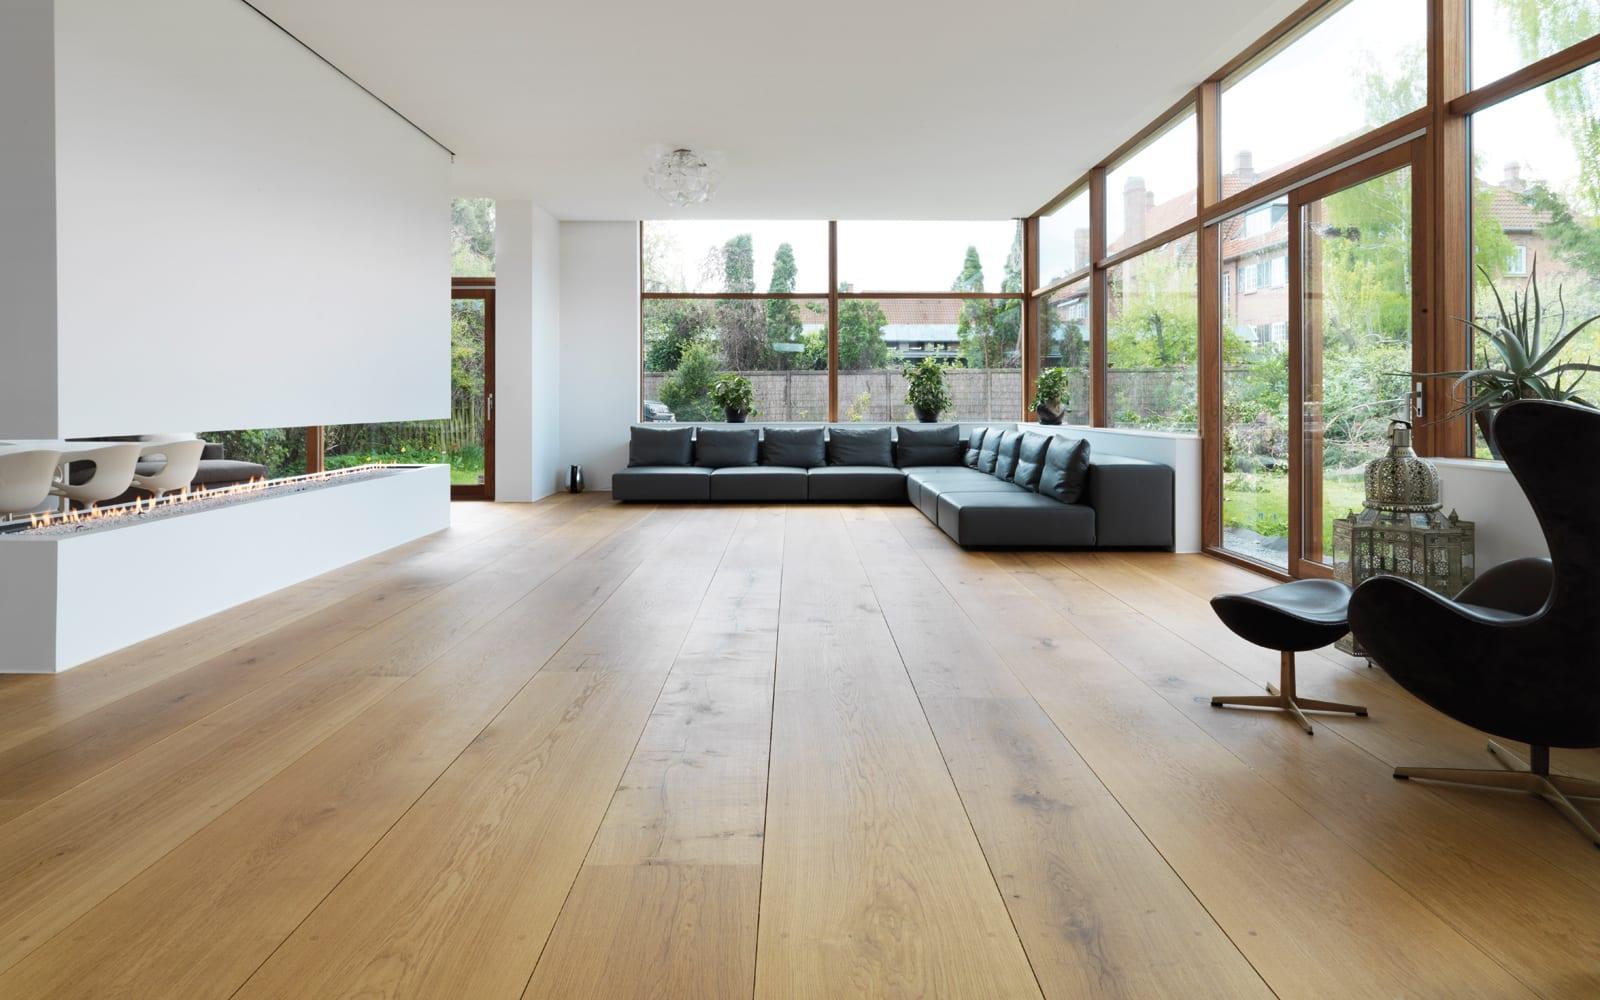 C mo colocar suelo de madera en tu hogar - Suelos faciles de poner ...